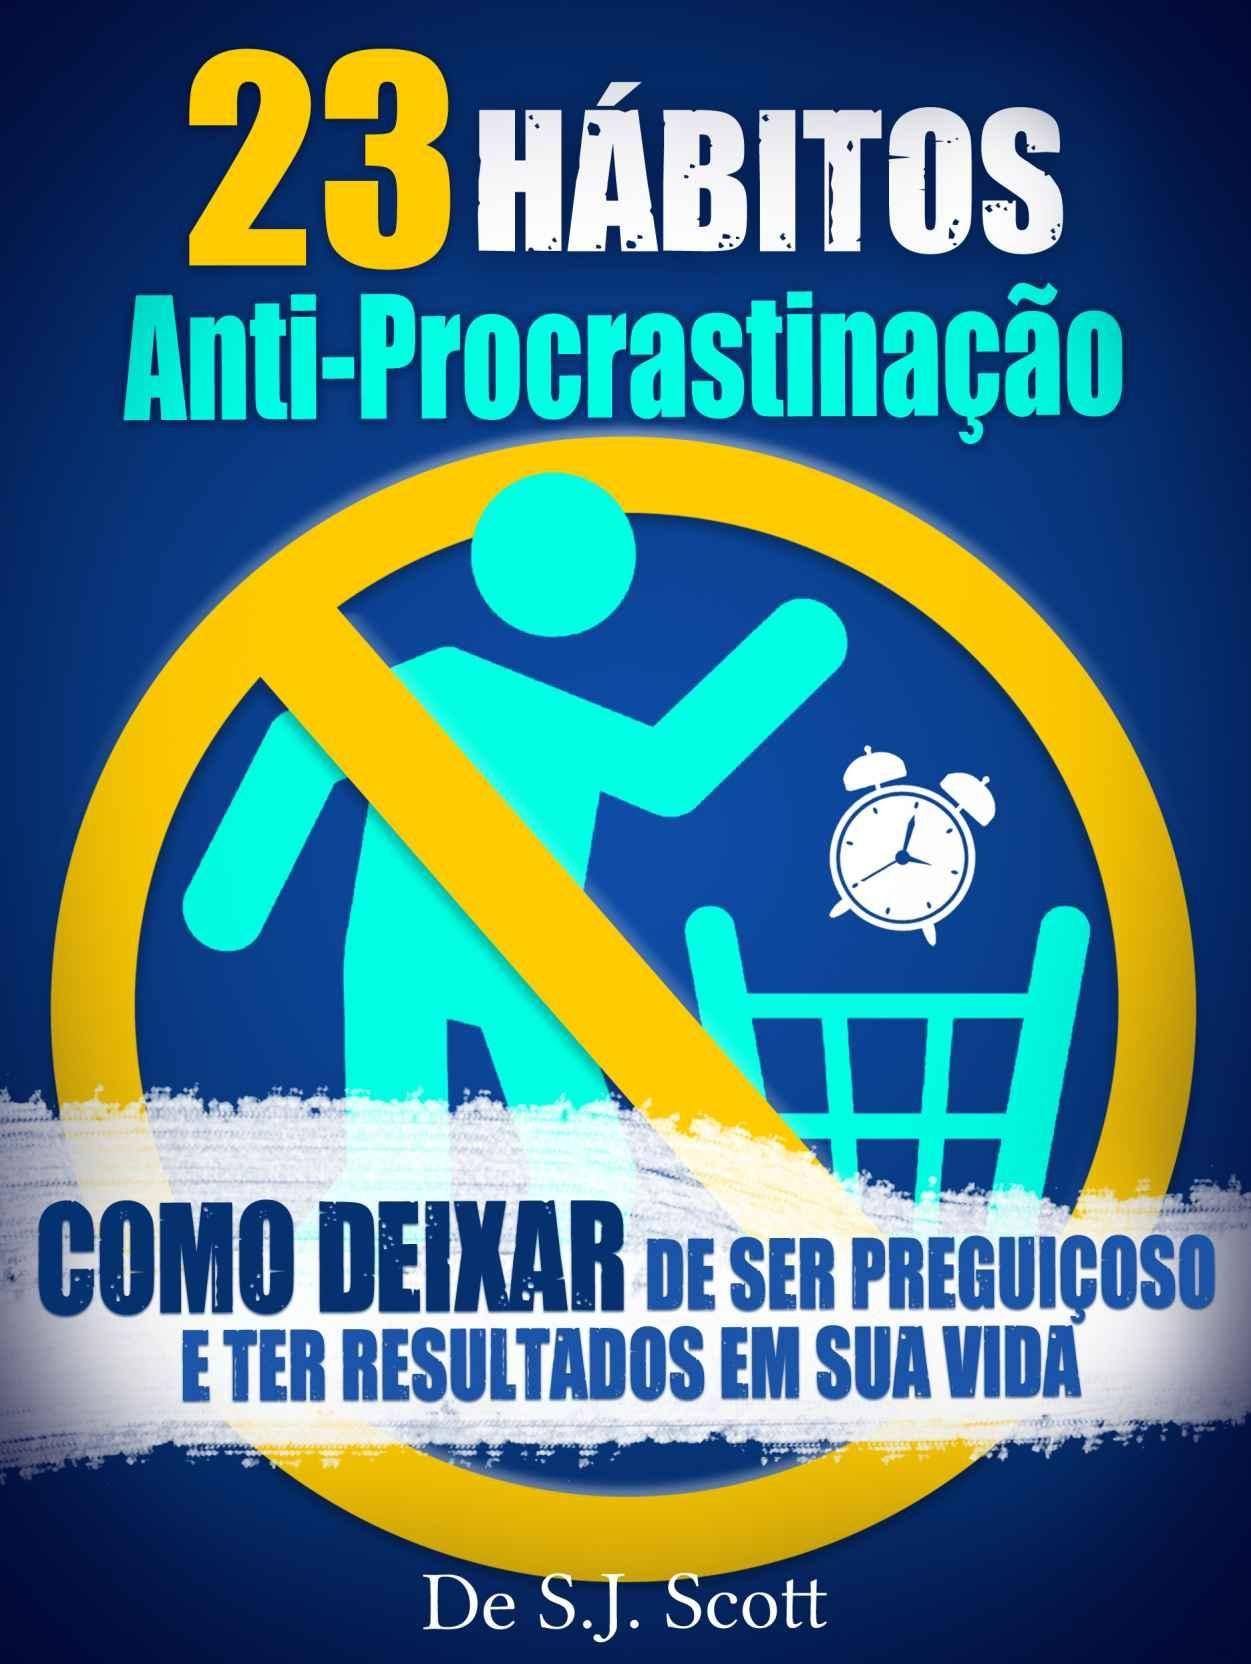 23 Habitos Anti Procrastinacao S J Scott Livros De Auto Ajuda